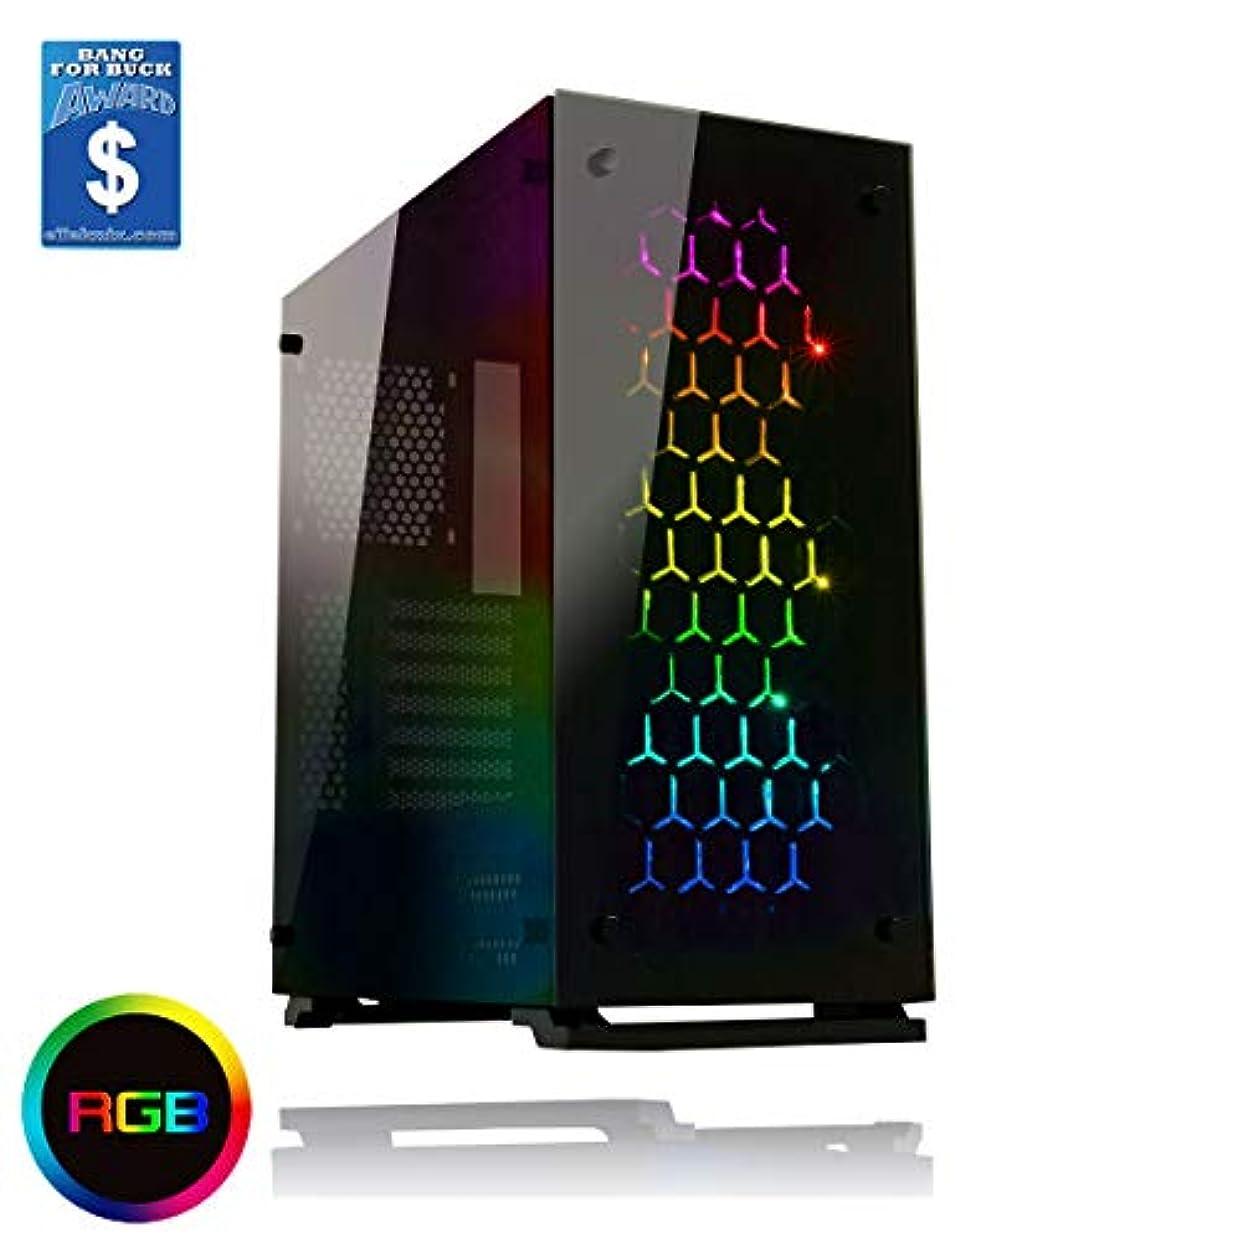 正気フォーマルおじいちゃんゲームMaxオニキスRGB MidタワーATX 3 x RGBファン強化ガラスSides &フロント